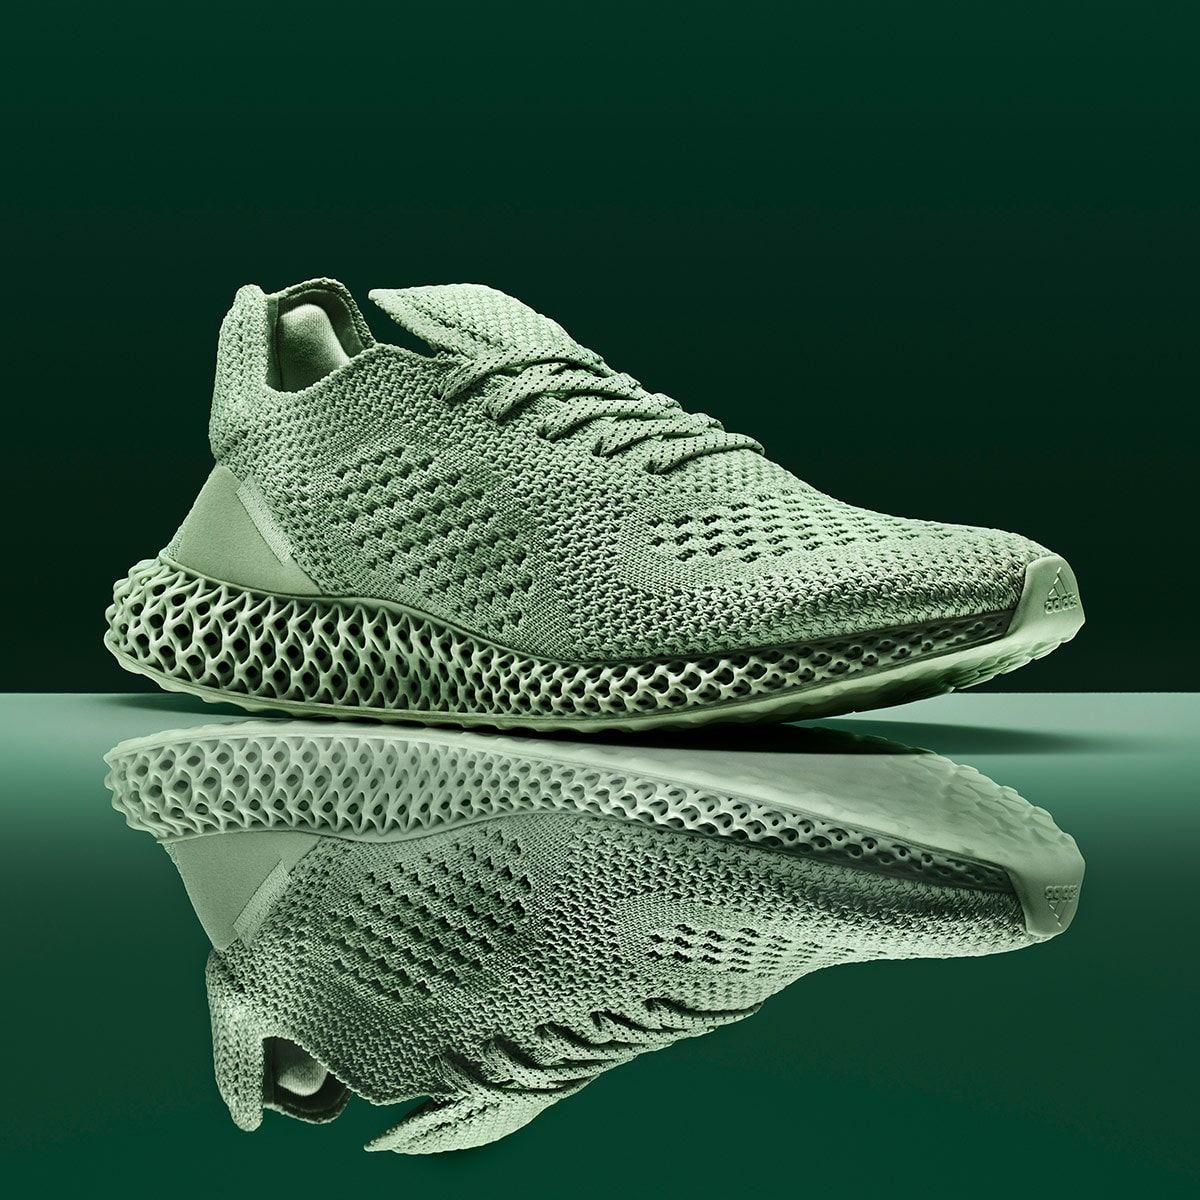 check out 71fa8 43a36 Adidas Consortium x Daniel Arsham Future Runner 4D (Aero Green)